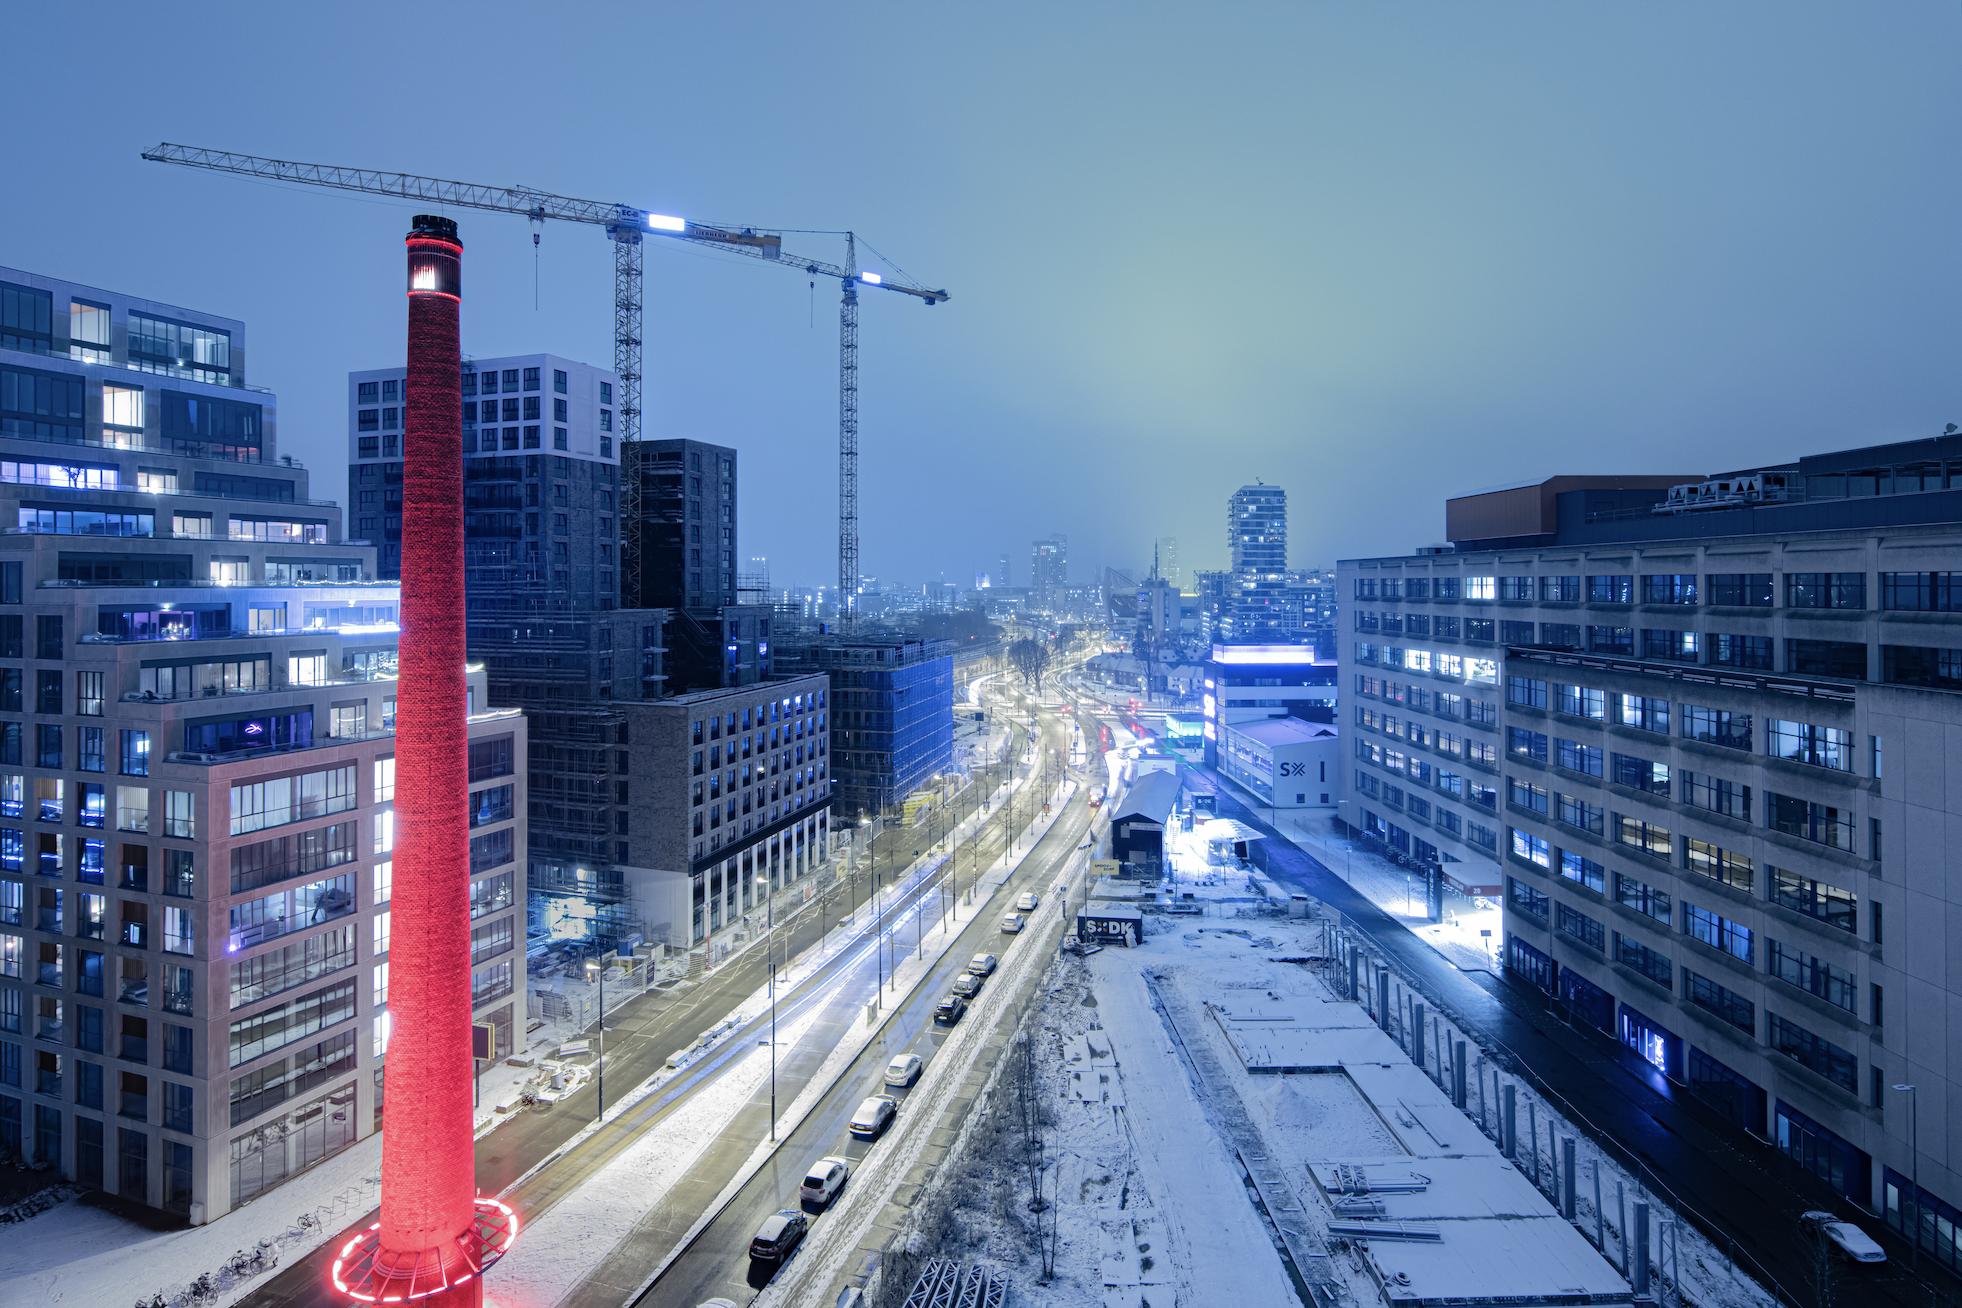 sneeuw eindhoven 2021